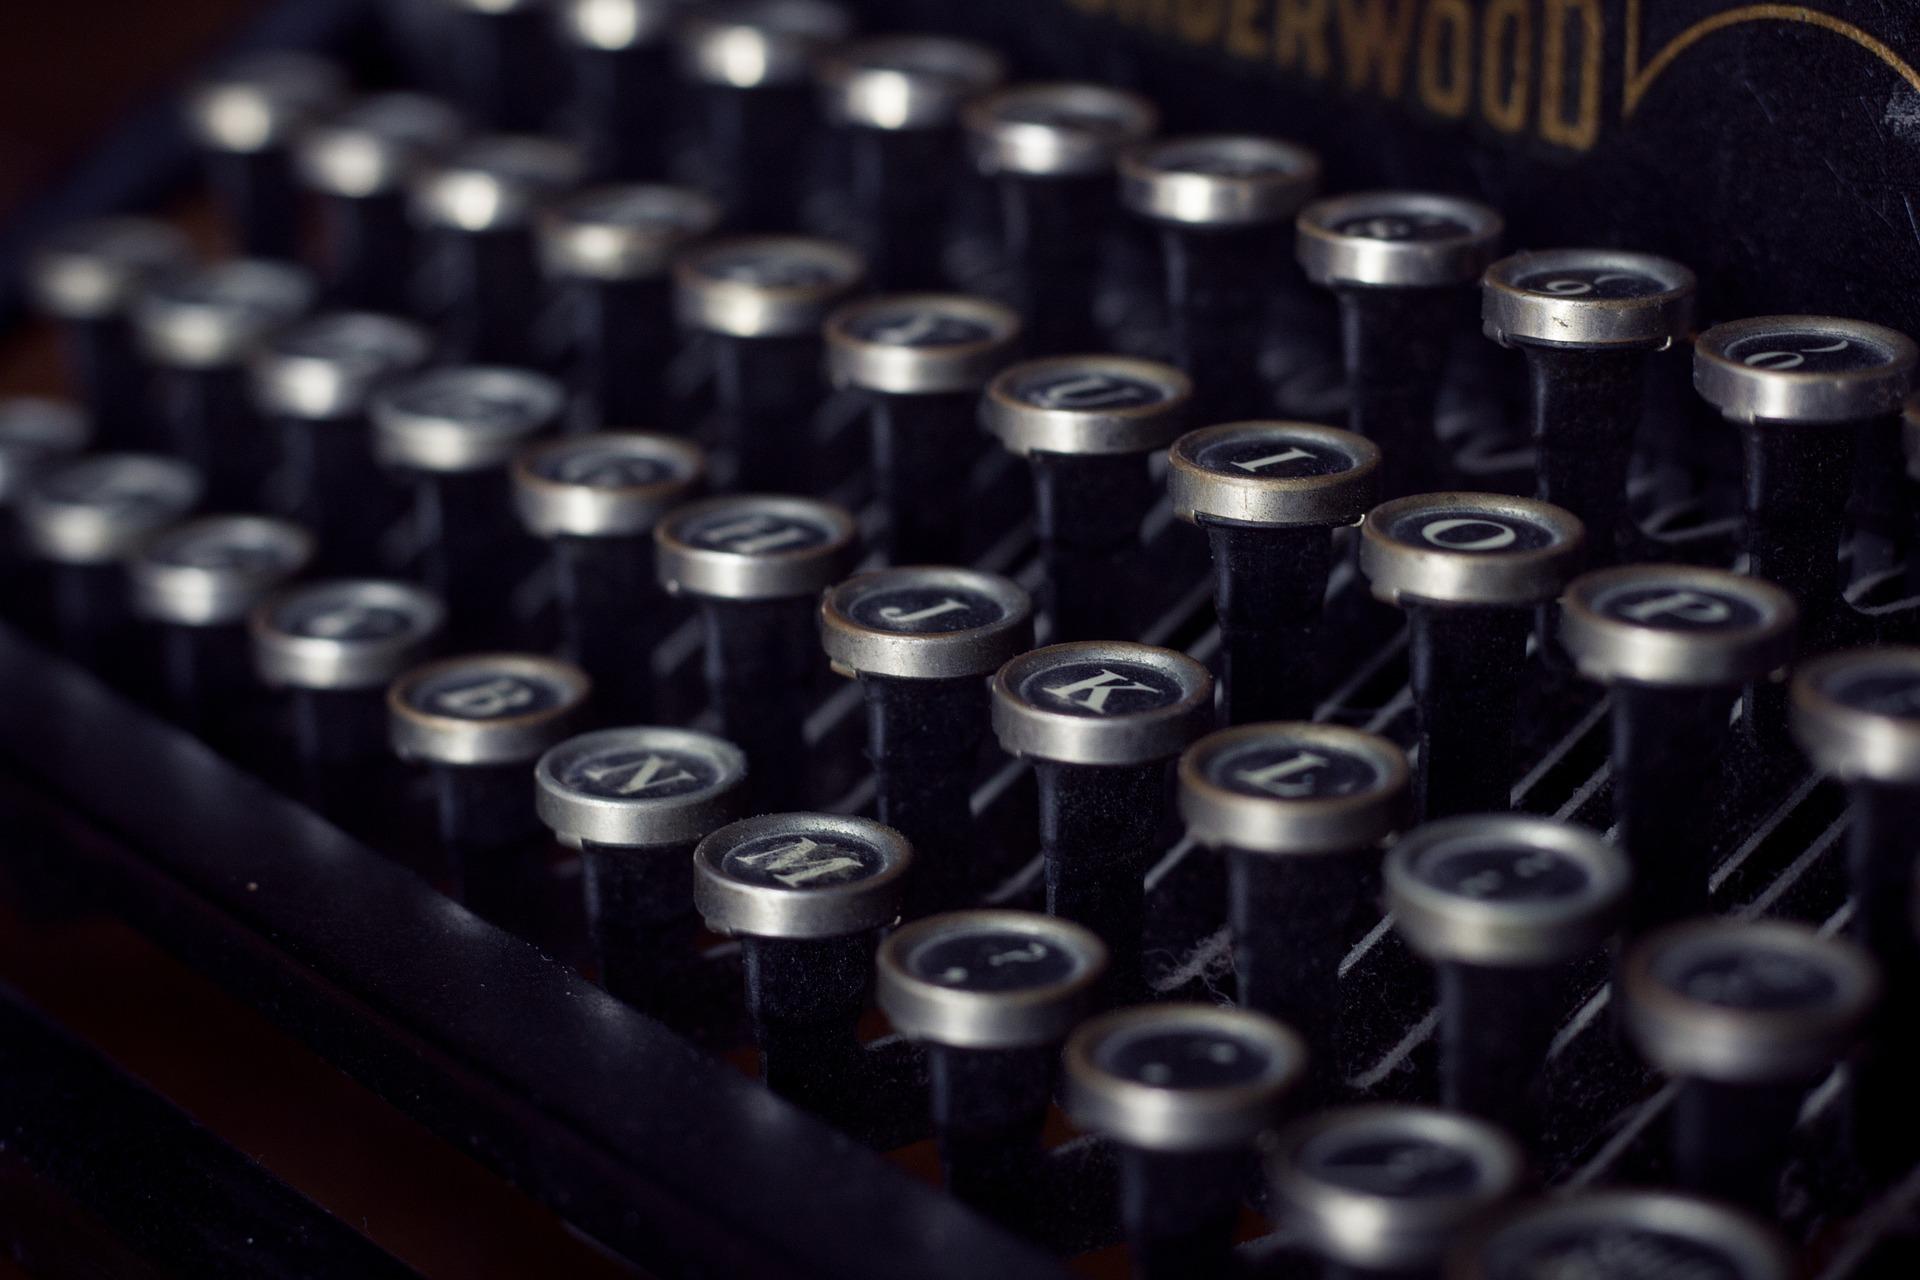 máquina de escribir, vintage, antiguo, teclas - Fondos de Pantalla HD - professor-falken.com